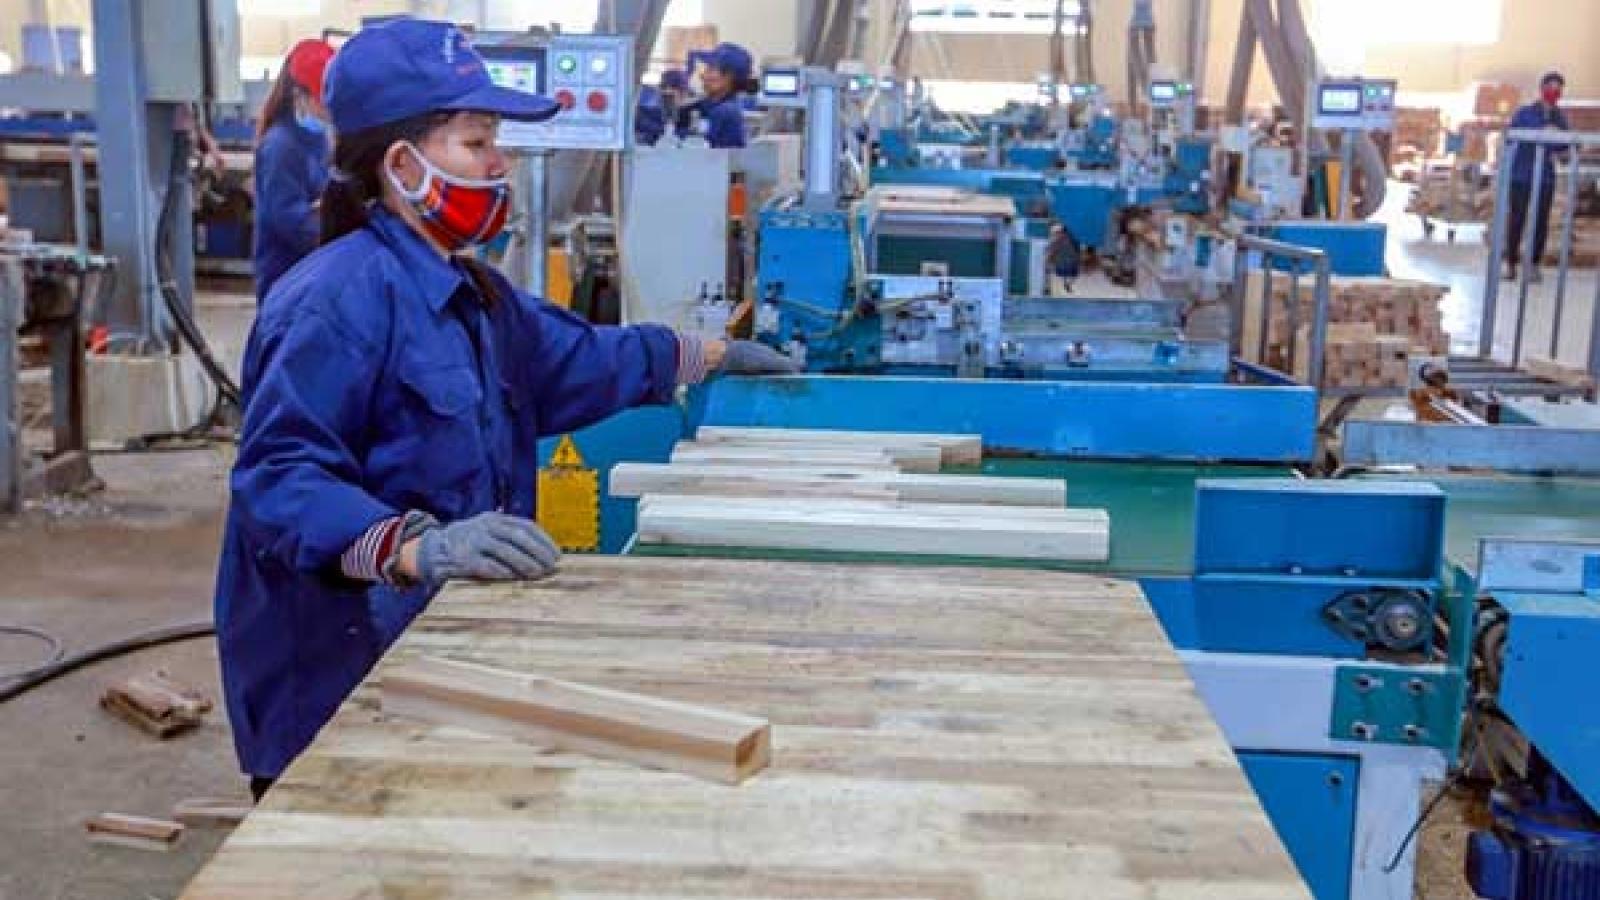 Công nghiệp và thương mại bám sát kịch bản tăng trưởng